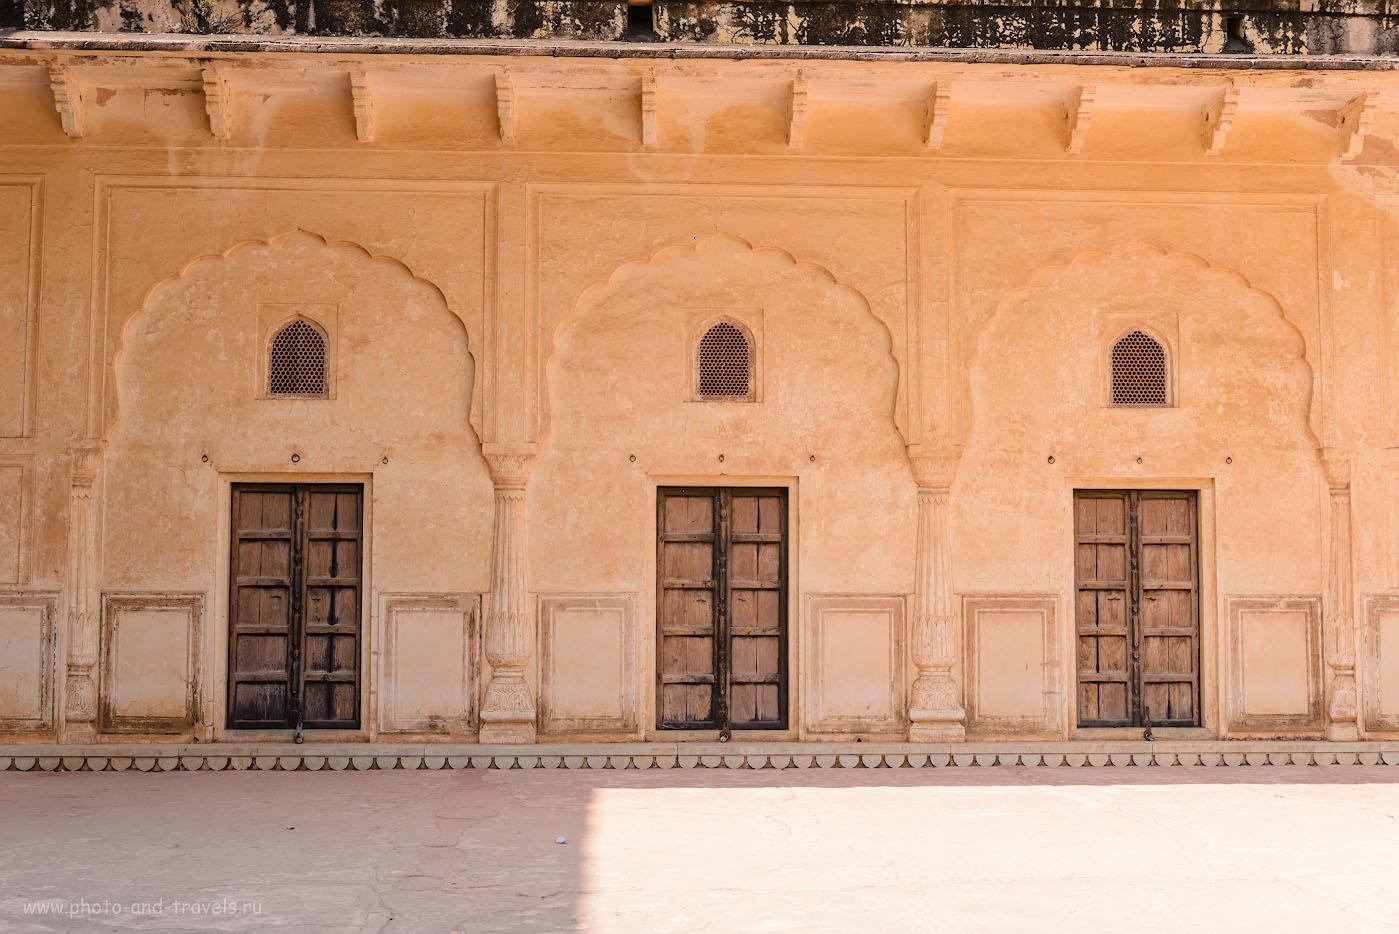 Фото 19. Строения на территории форта Джейгар. Отзыв об экскурсии в Джайпур. 1/125, +1.0, 8.0, 100, 42.